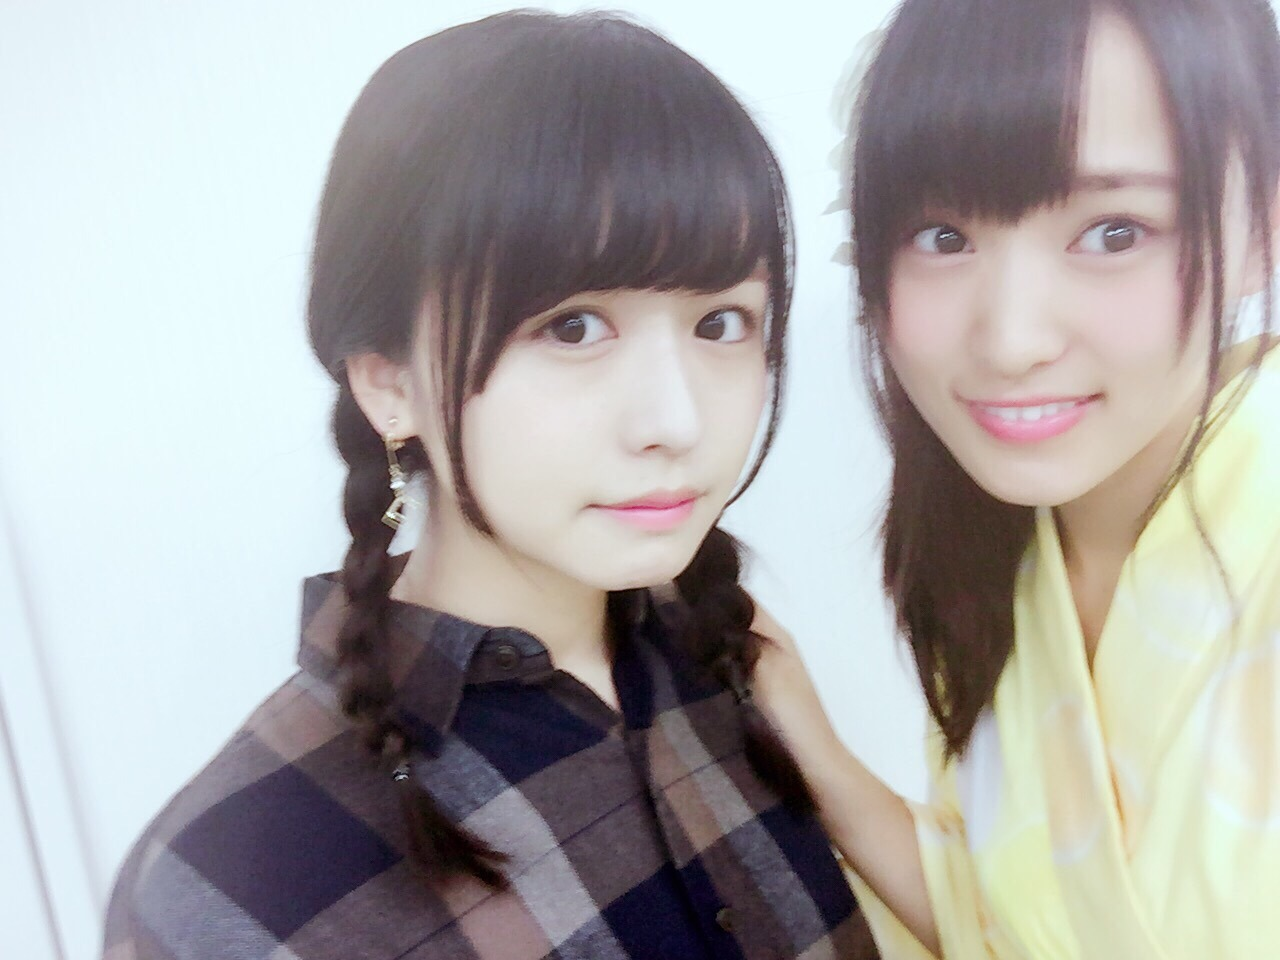 http://www.keyakizaka46.com/files/14/diary/k46/member/moblog/201609/mob23PR9G.jpg